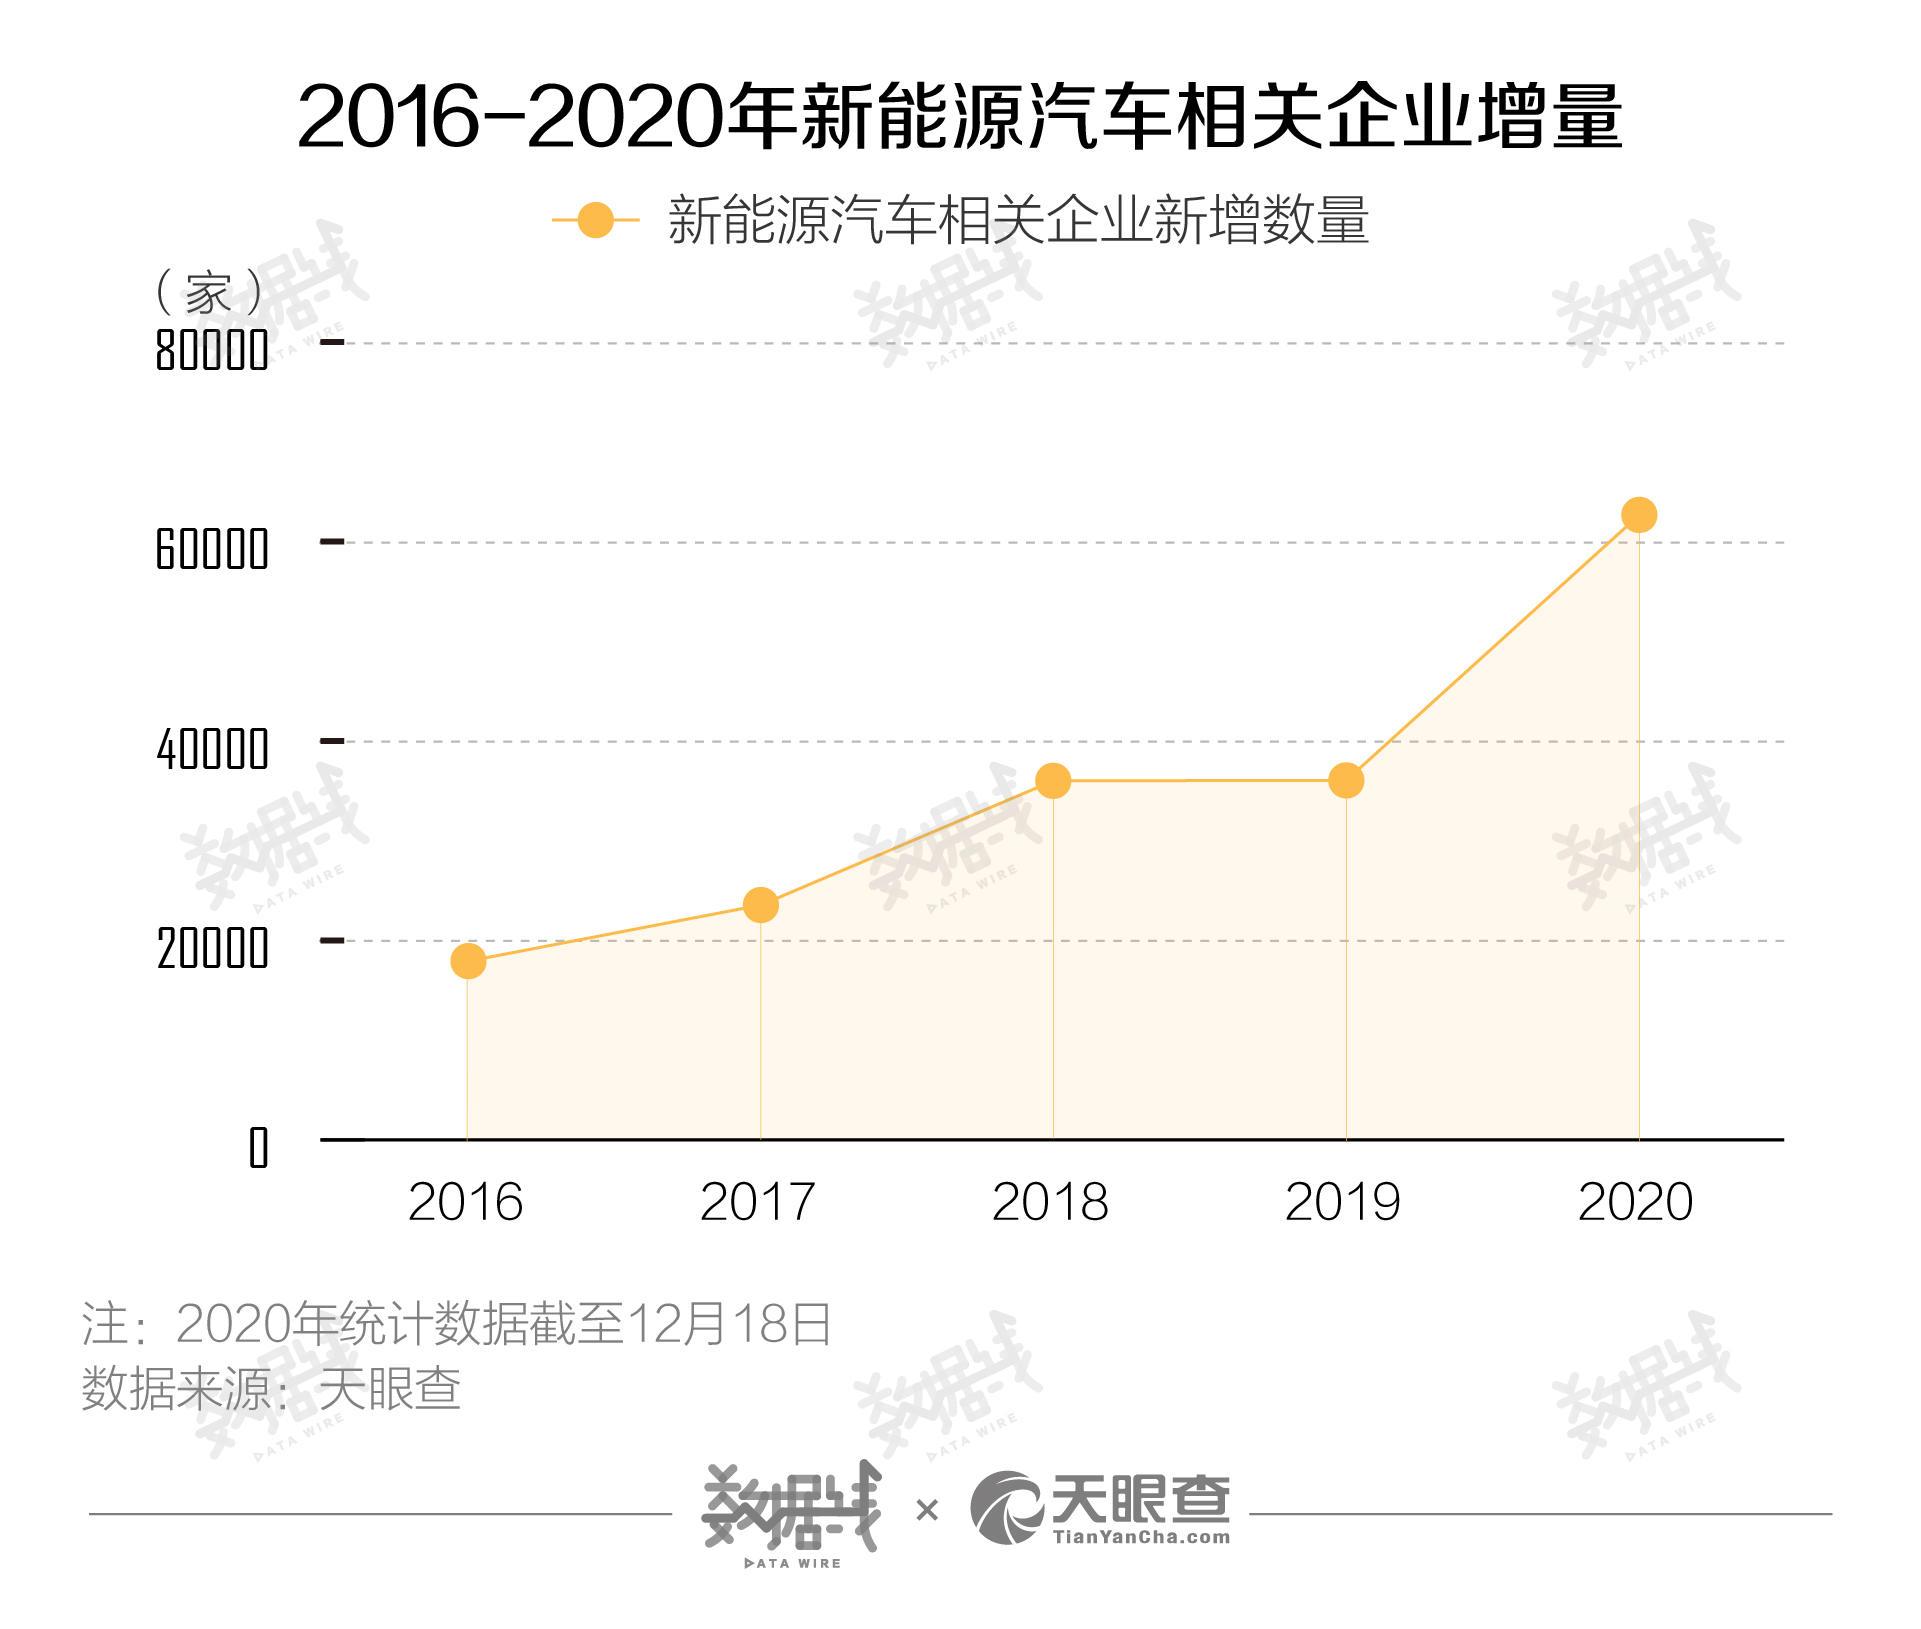 5年来新能源车企新增数量增长248%